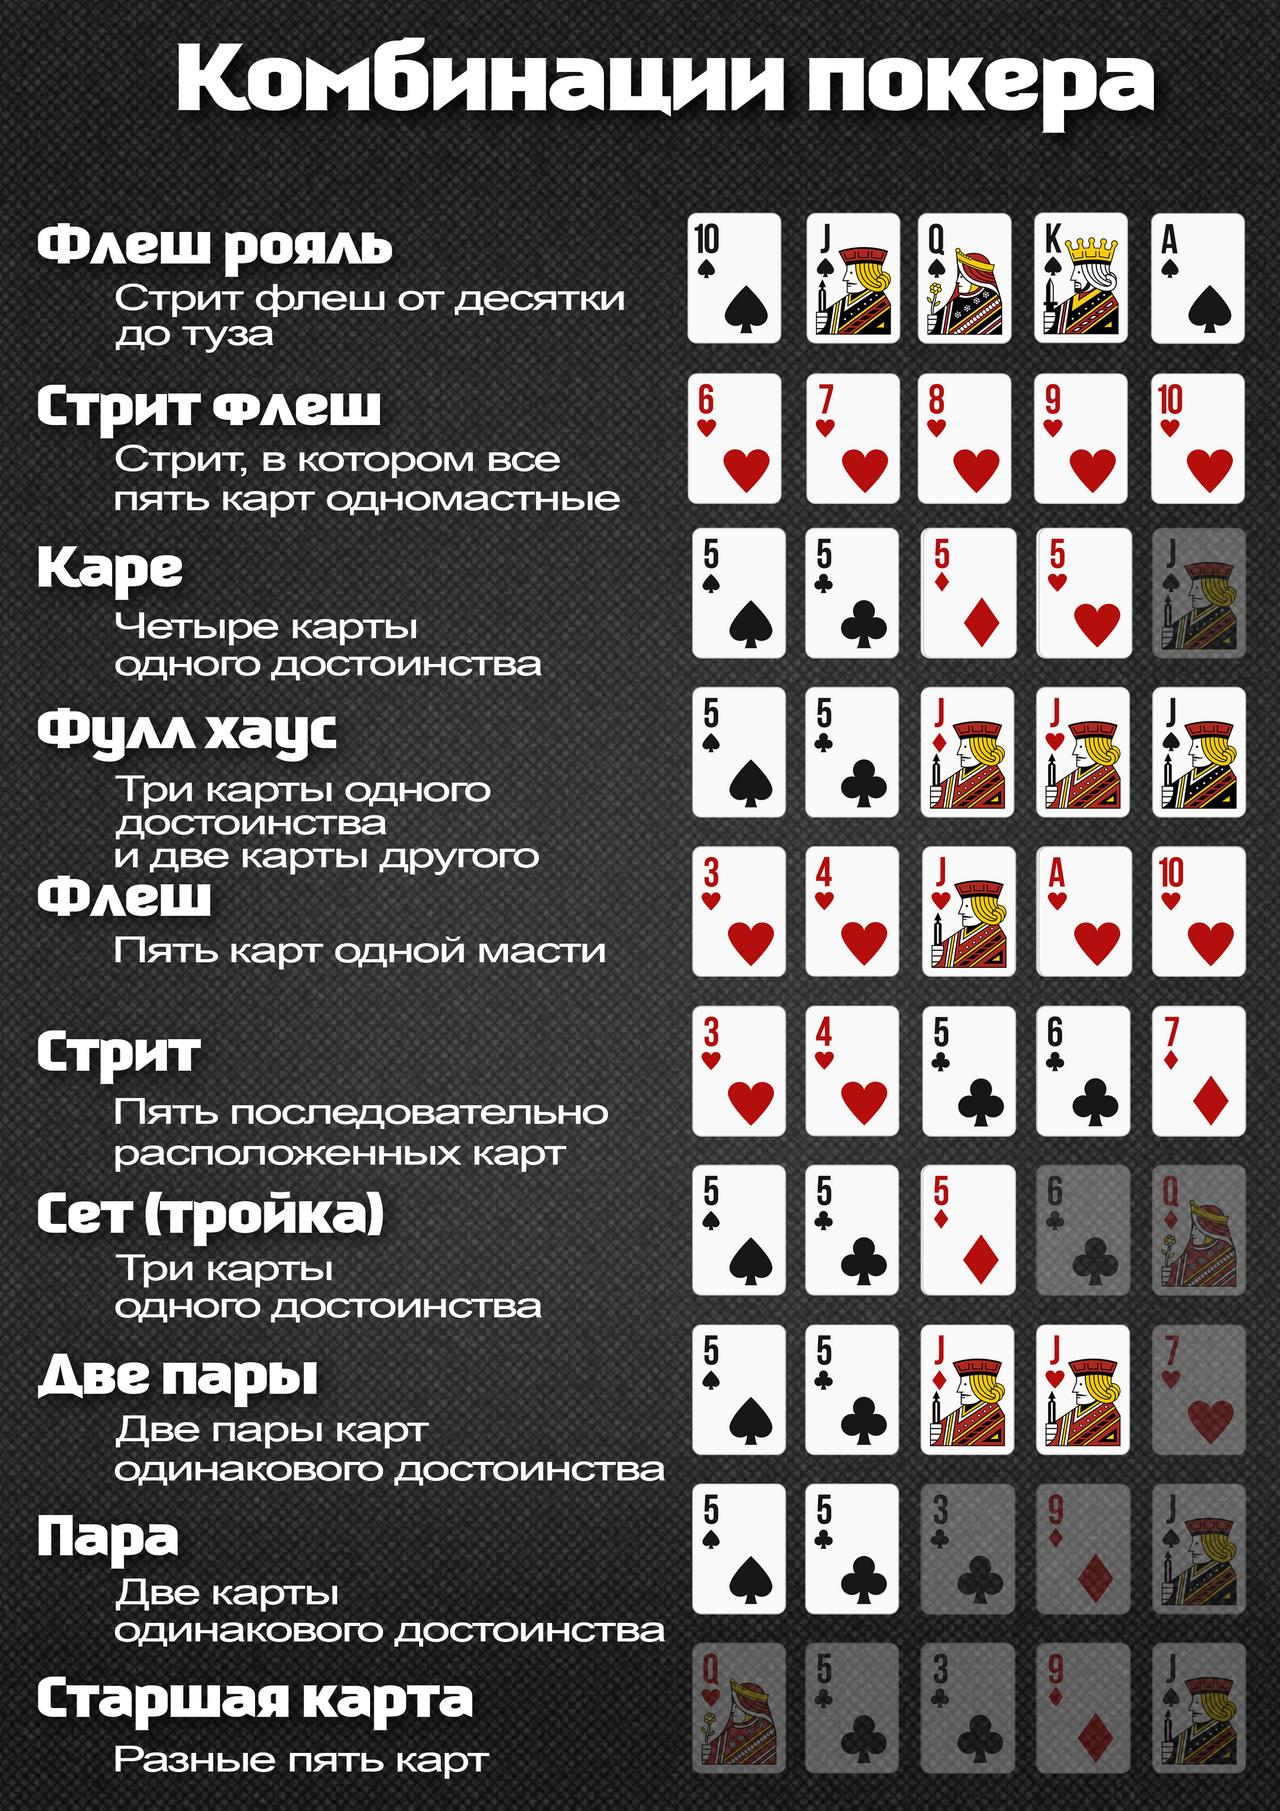 как играть в покер ютуб